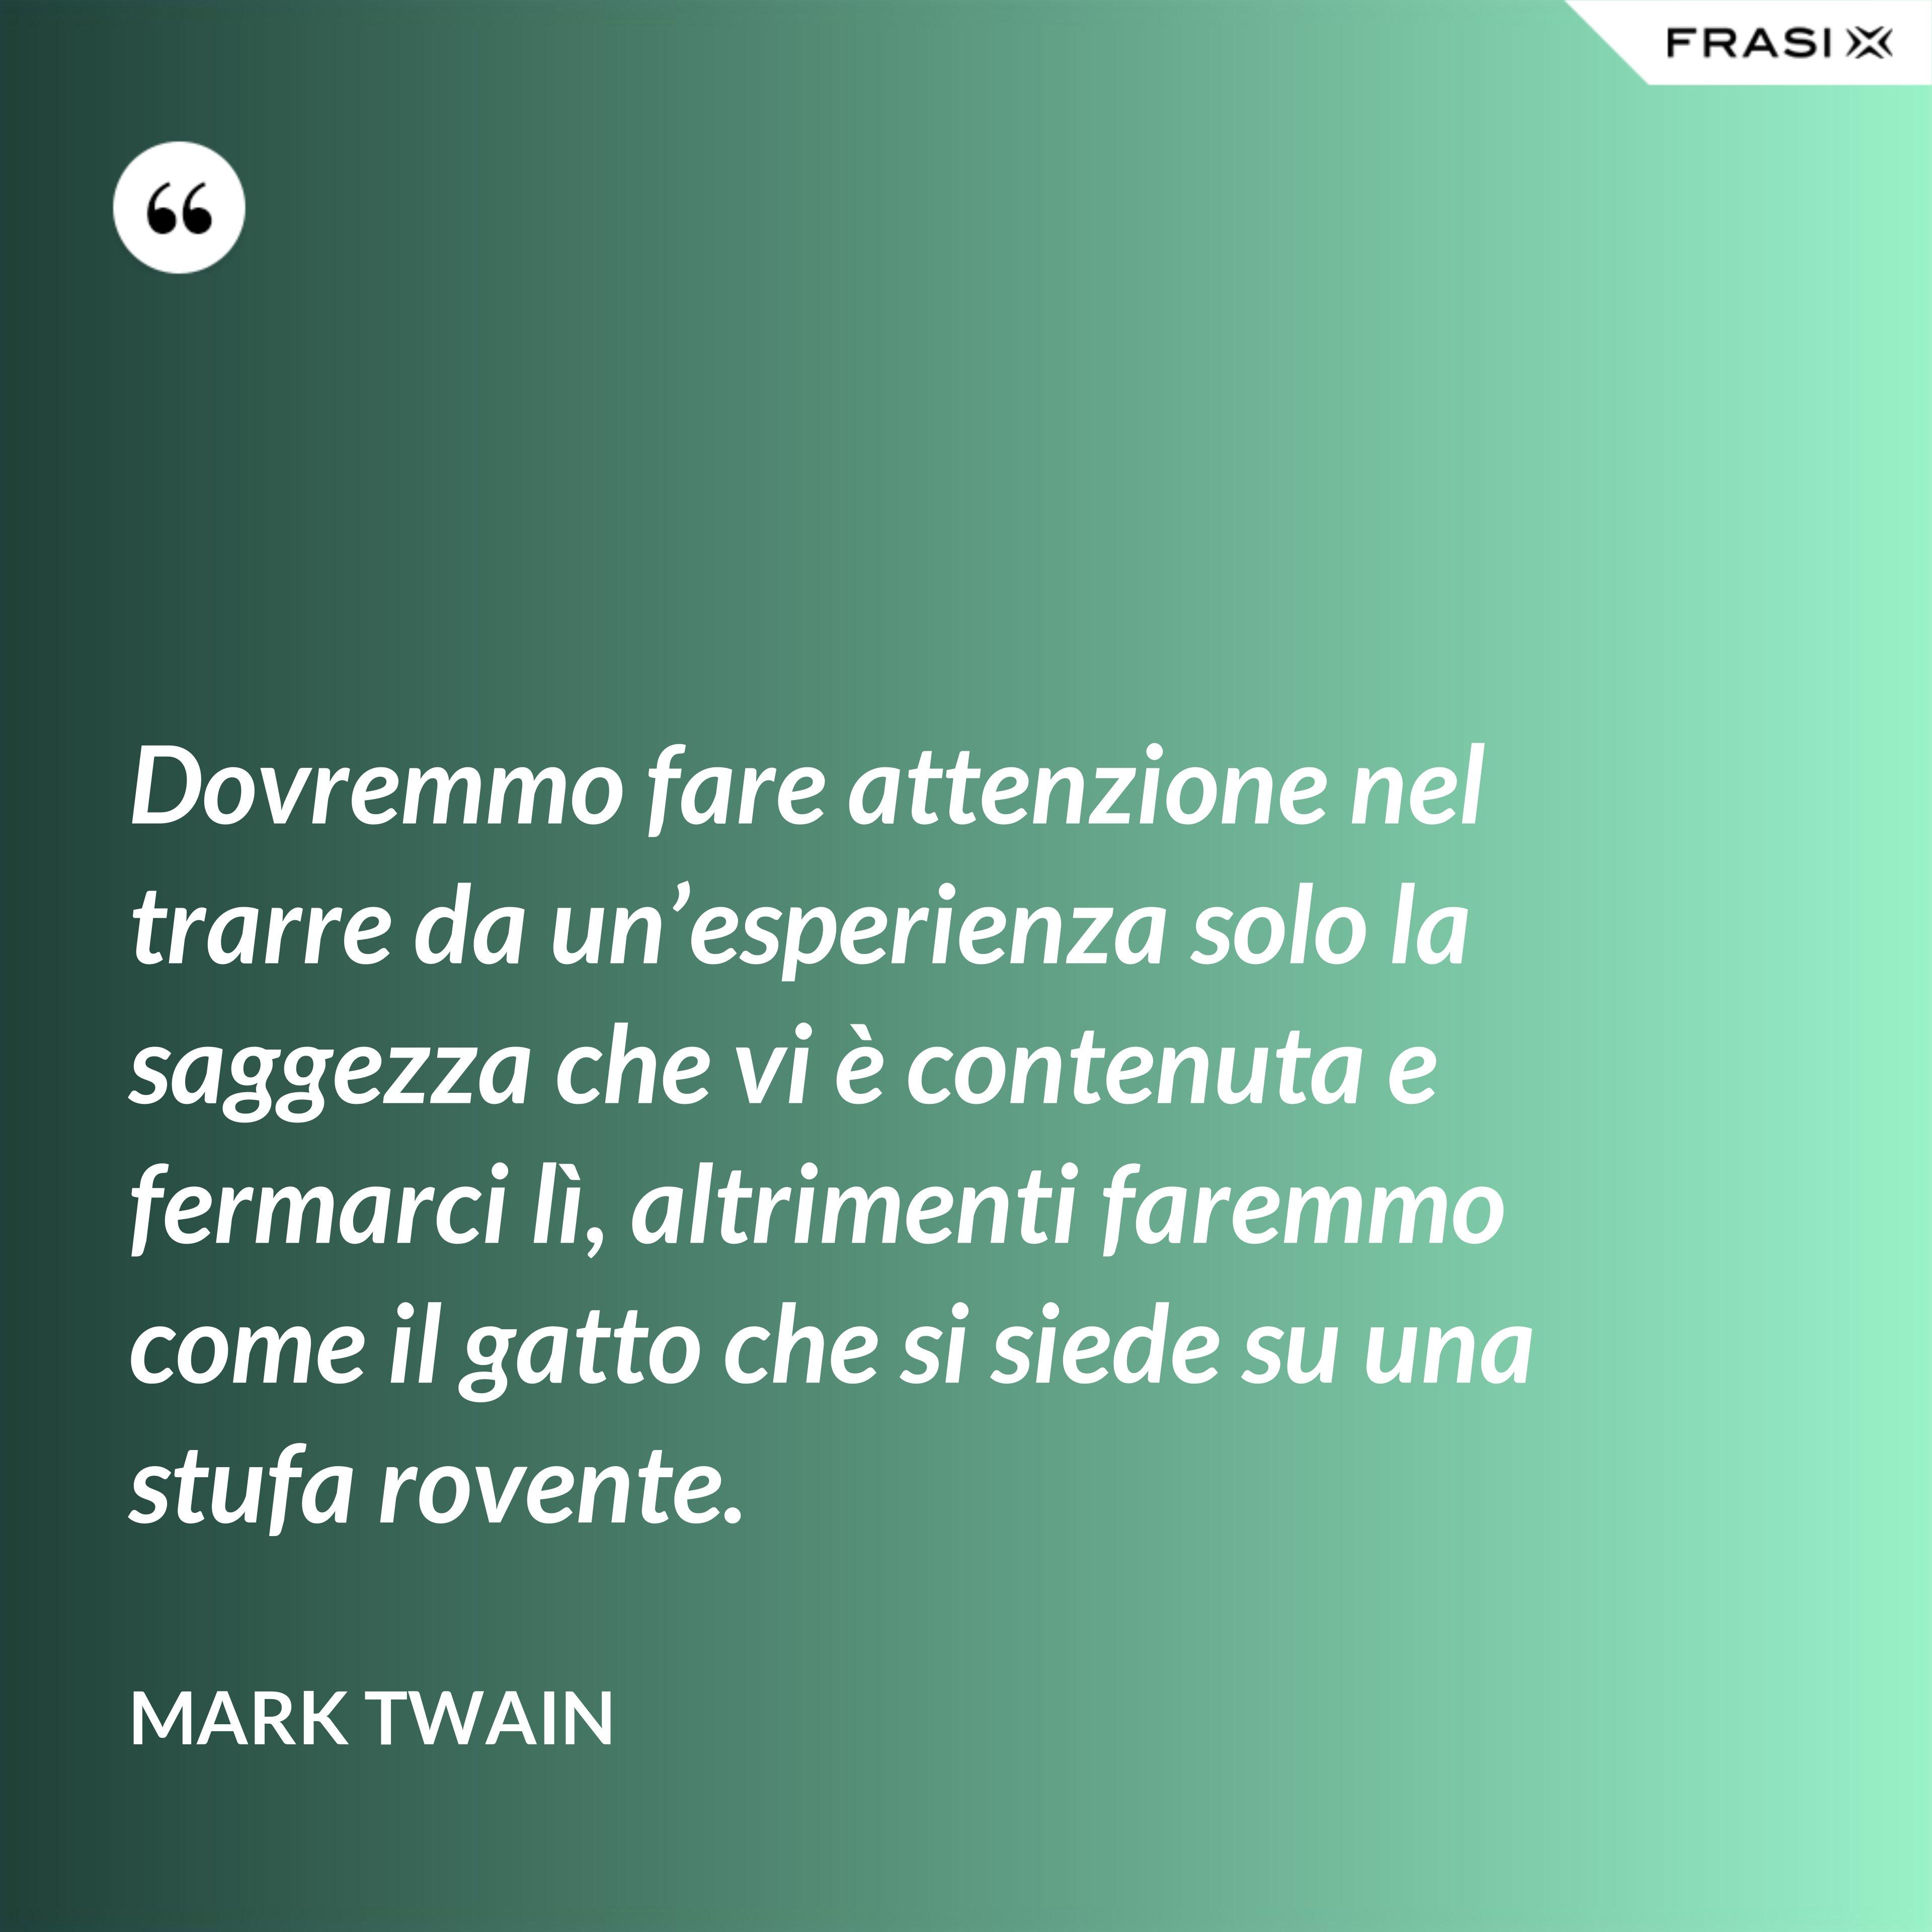 Dovremmo fare attenzione nel trarre da un'esperienza solo la saggezza che vi è contenuta e fermarci lì, altrimenti faremmo come il gatto che si siede su una stufa rovente. - Mark Twain